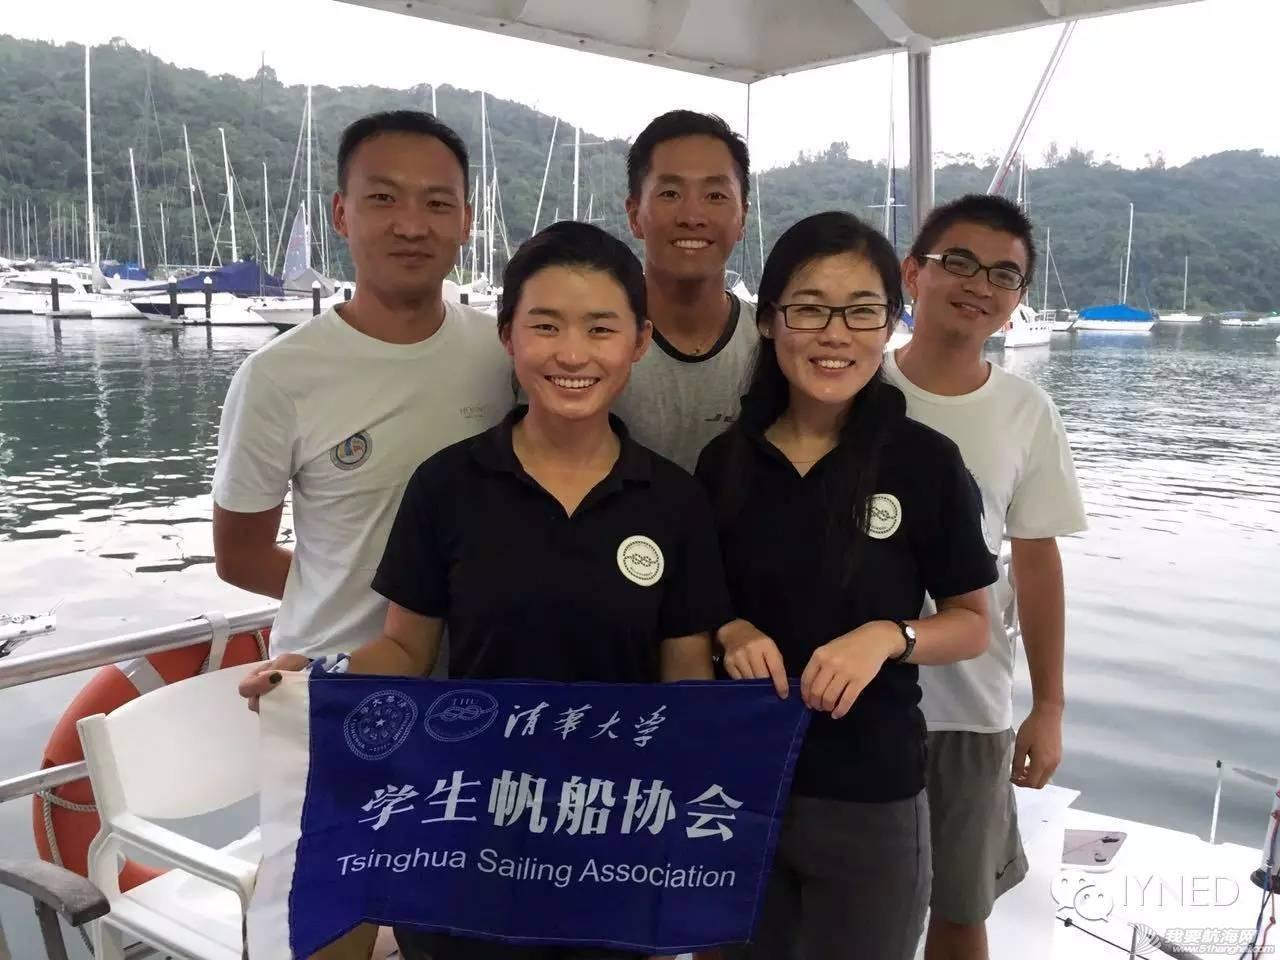 中国杯后,清华帆协对帆船界不得不说的话 5280648d86ccb118c36eefe6d3cb4263.jpg